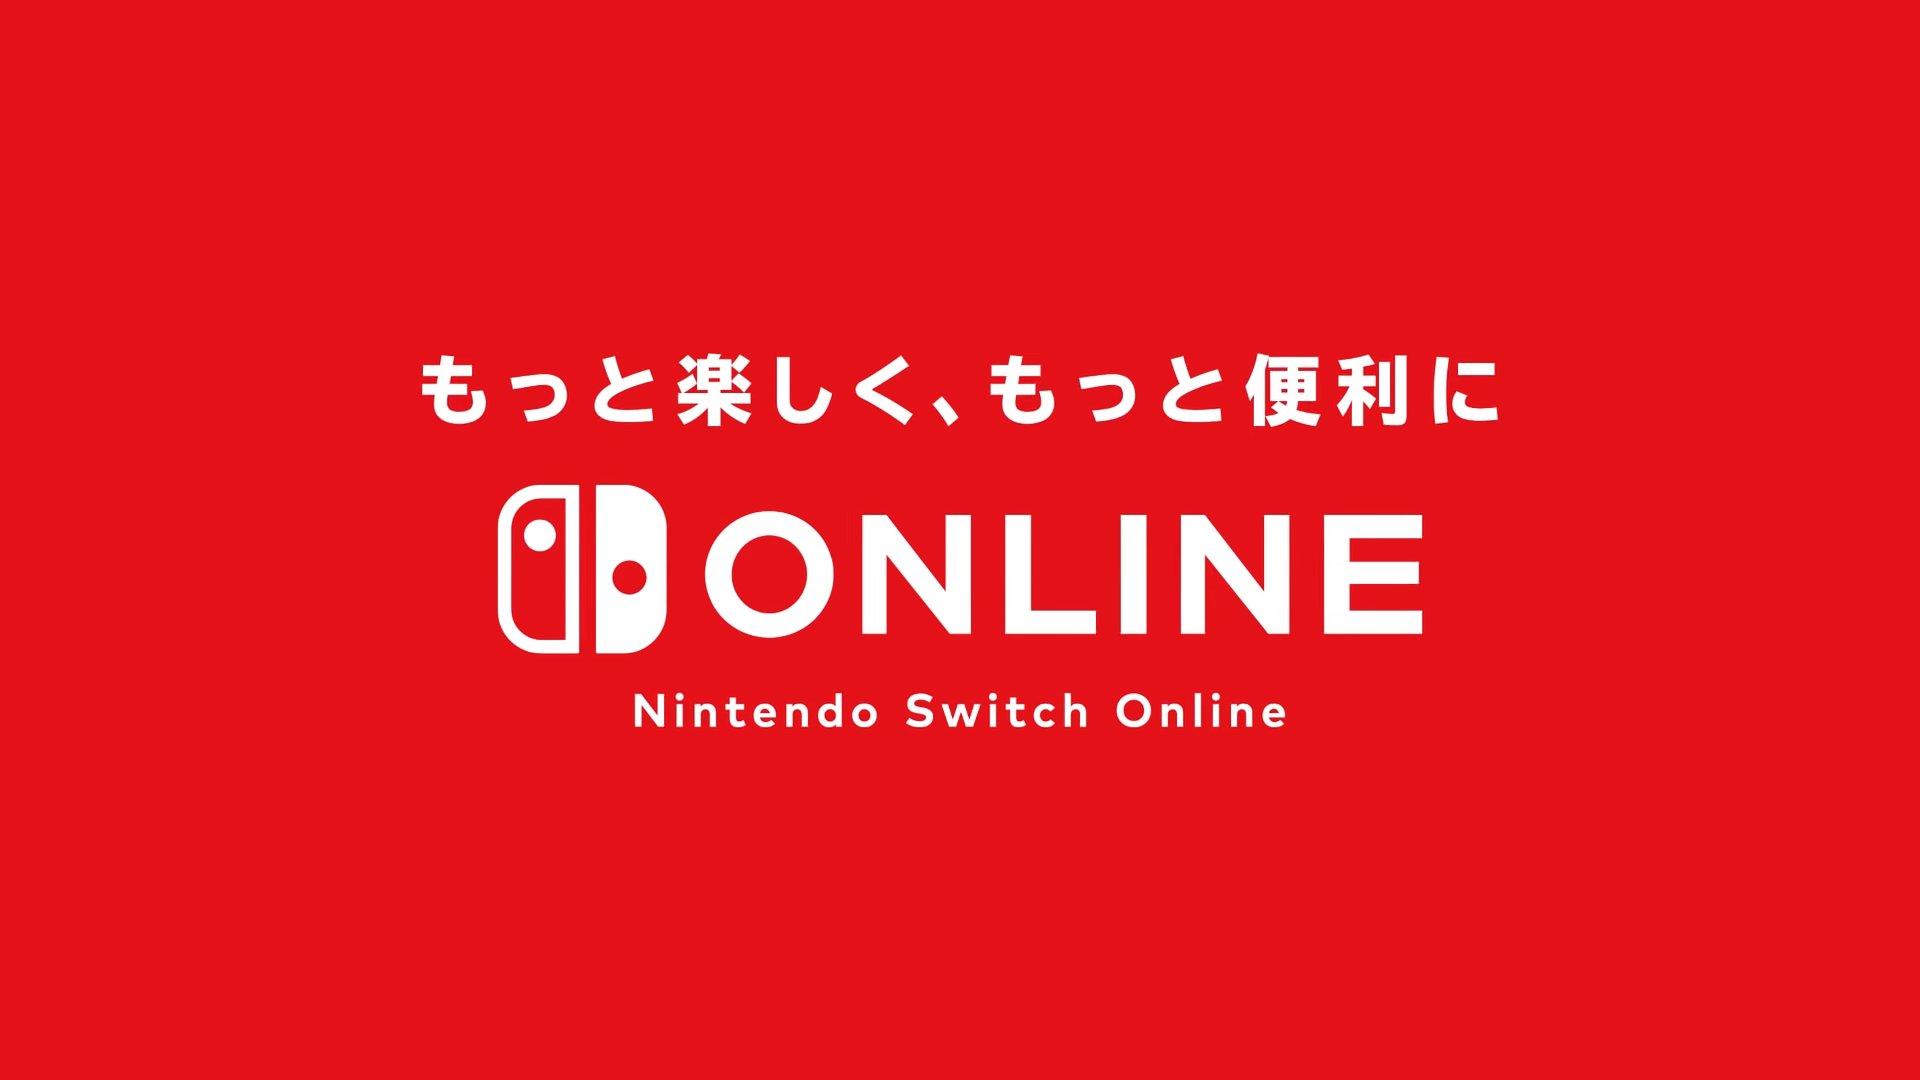 【訴え】Switchオンラインの月額料金が高すぎる!!!ファミコンのゲーム配布とかいらねえんだよ